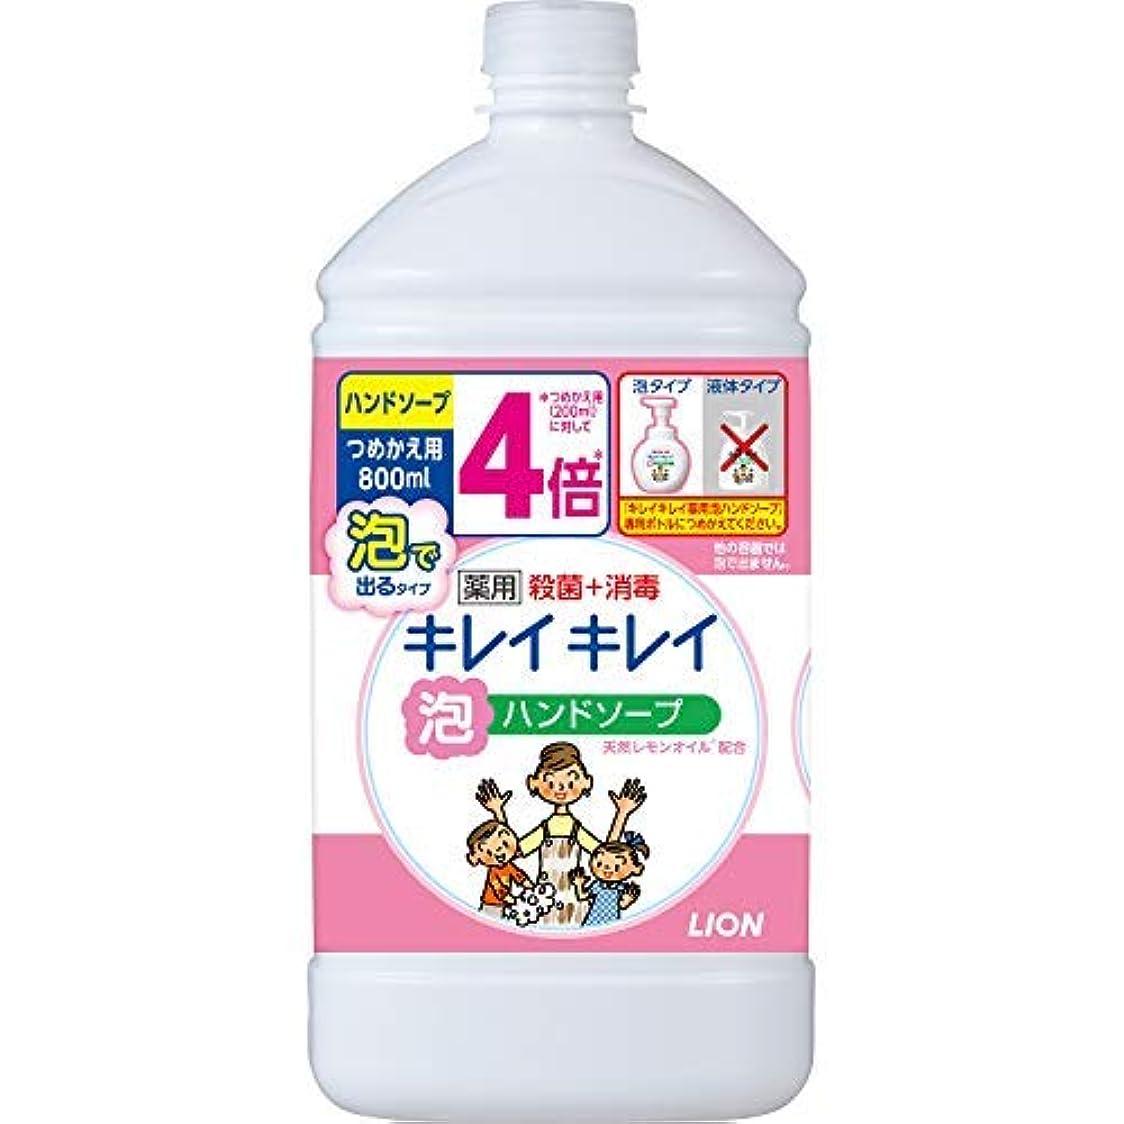 透ける担保反発キレイキレイ 薬用泡ハンドソープ つめかえ用特大サイズ シトラスフルーティ × 3個セット